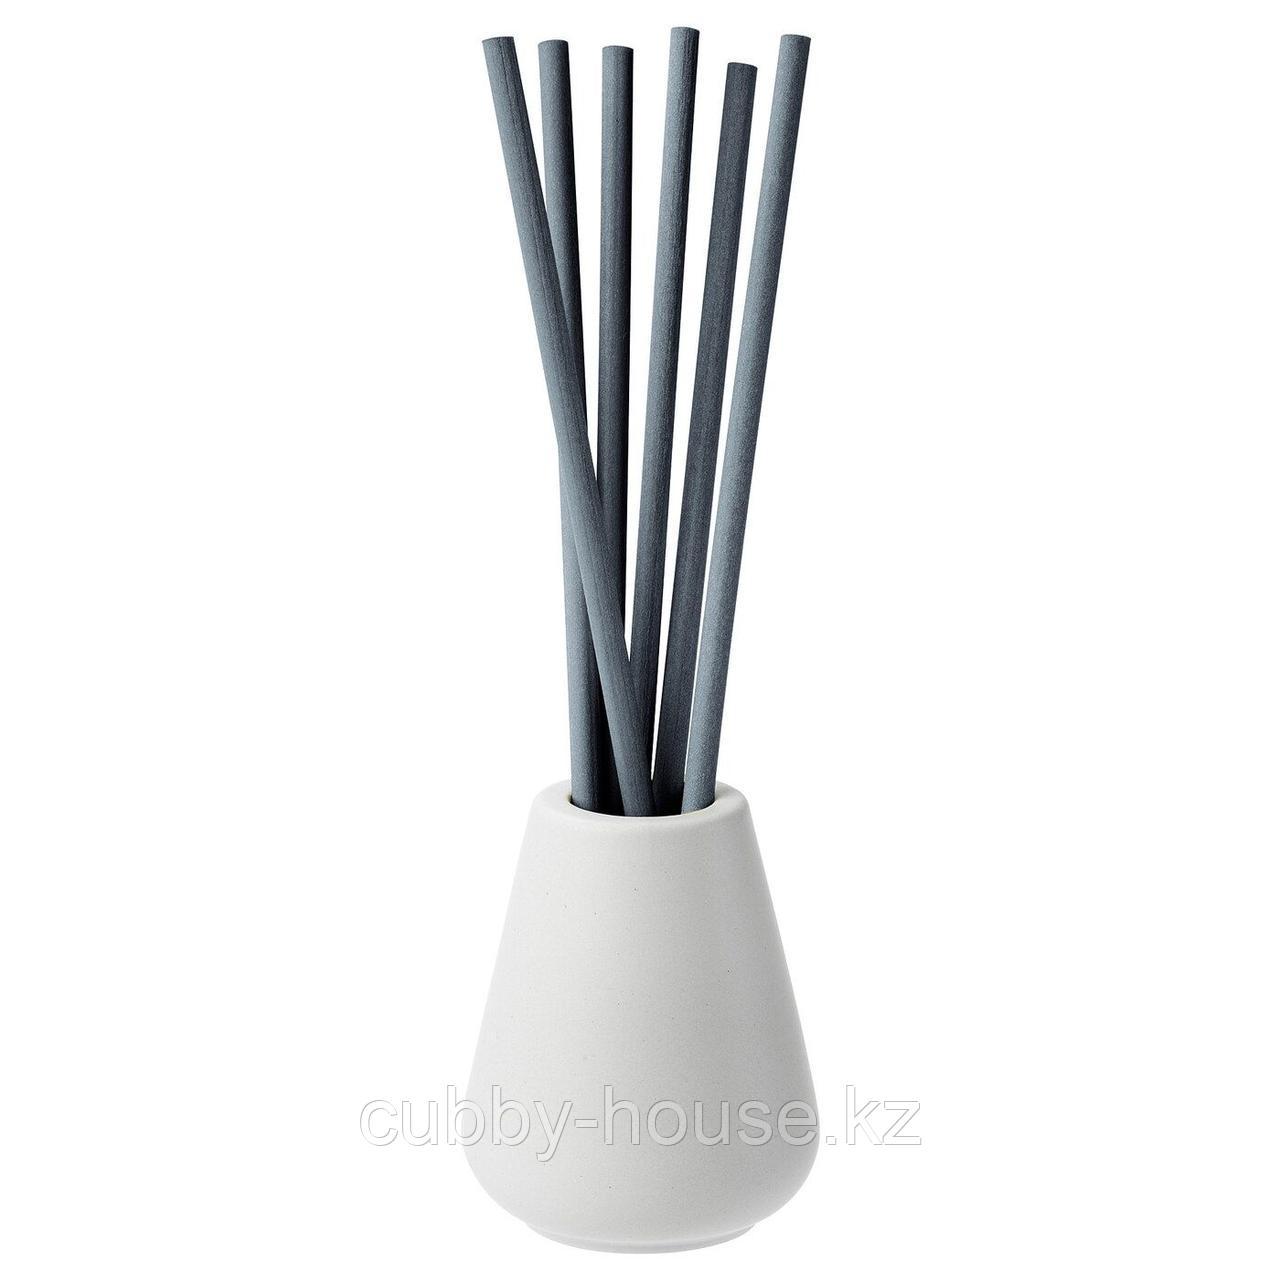 НЬЮТНИНГ Ваза и 6 ароматических палочек, Цветущий бергамот, серый